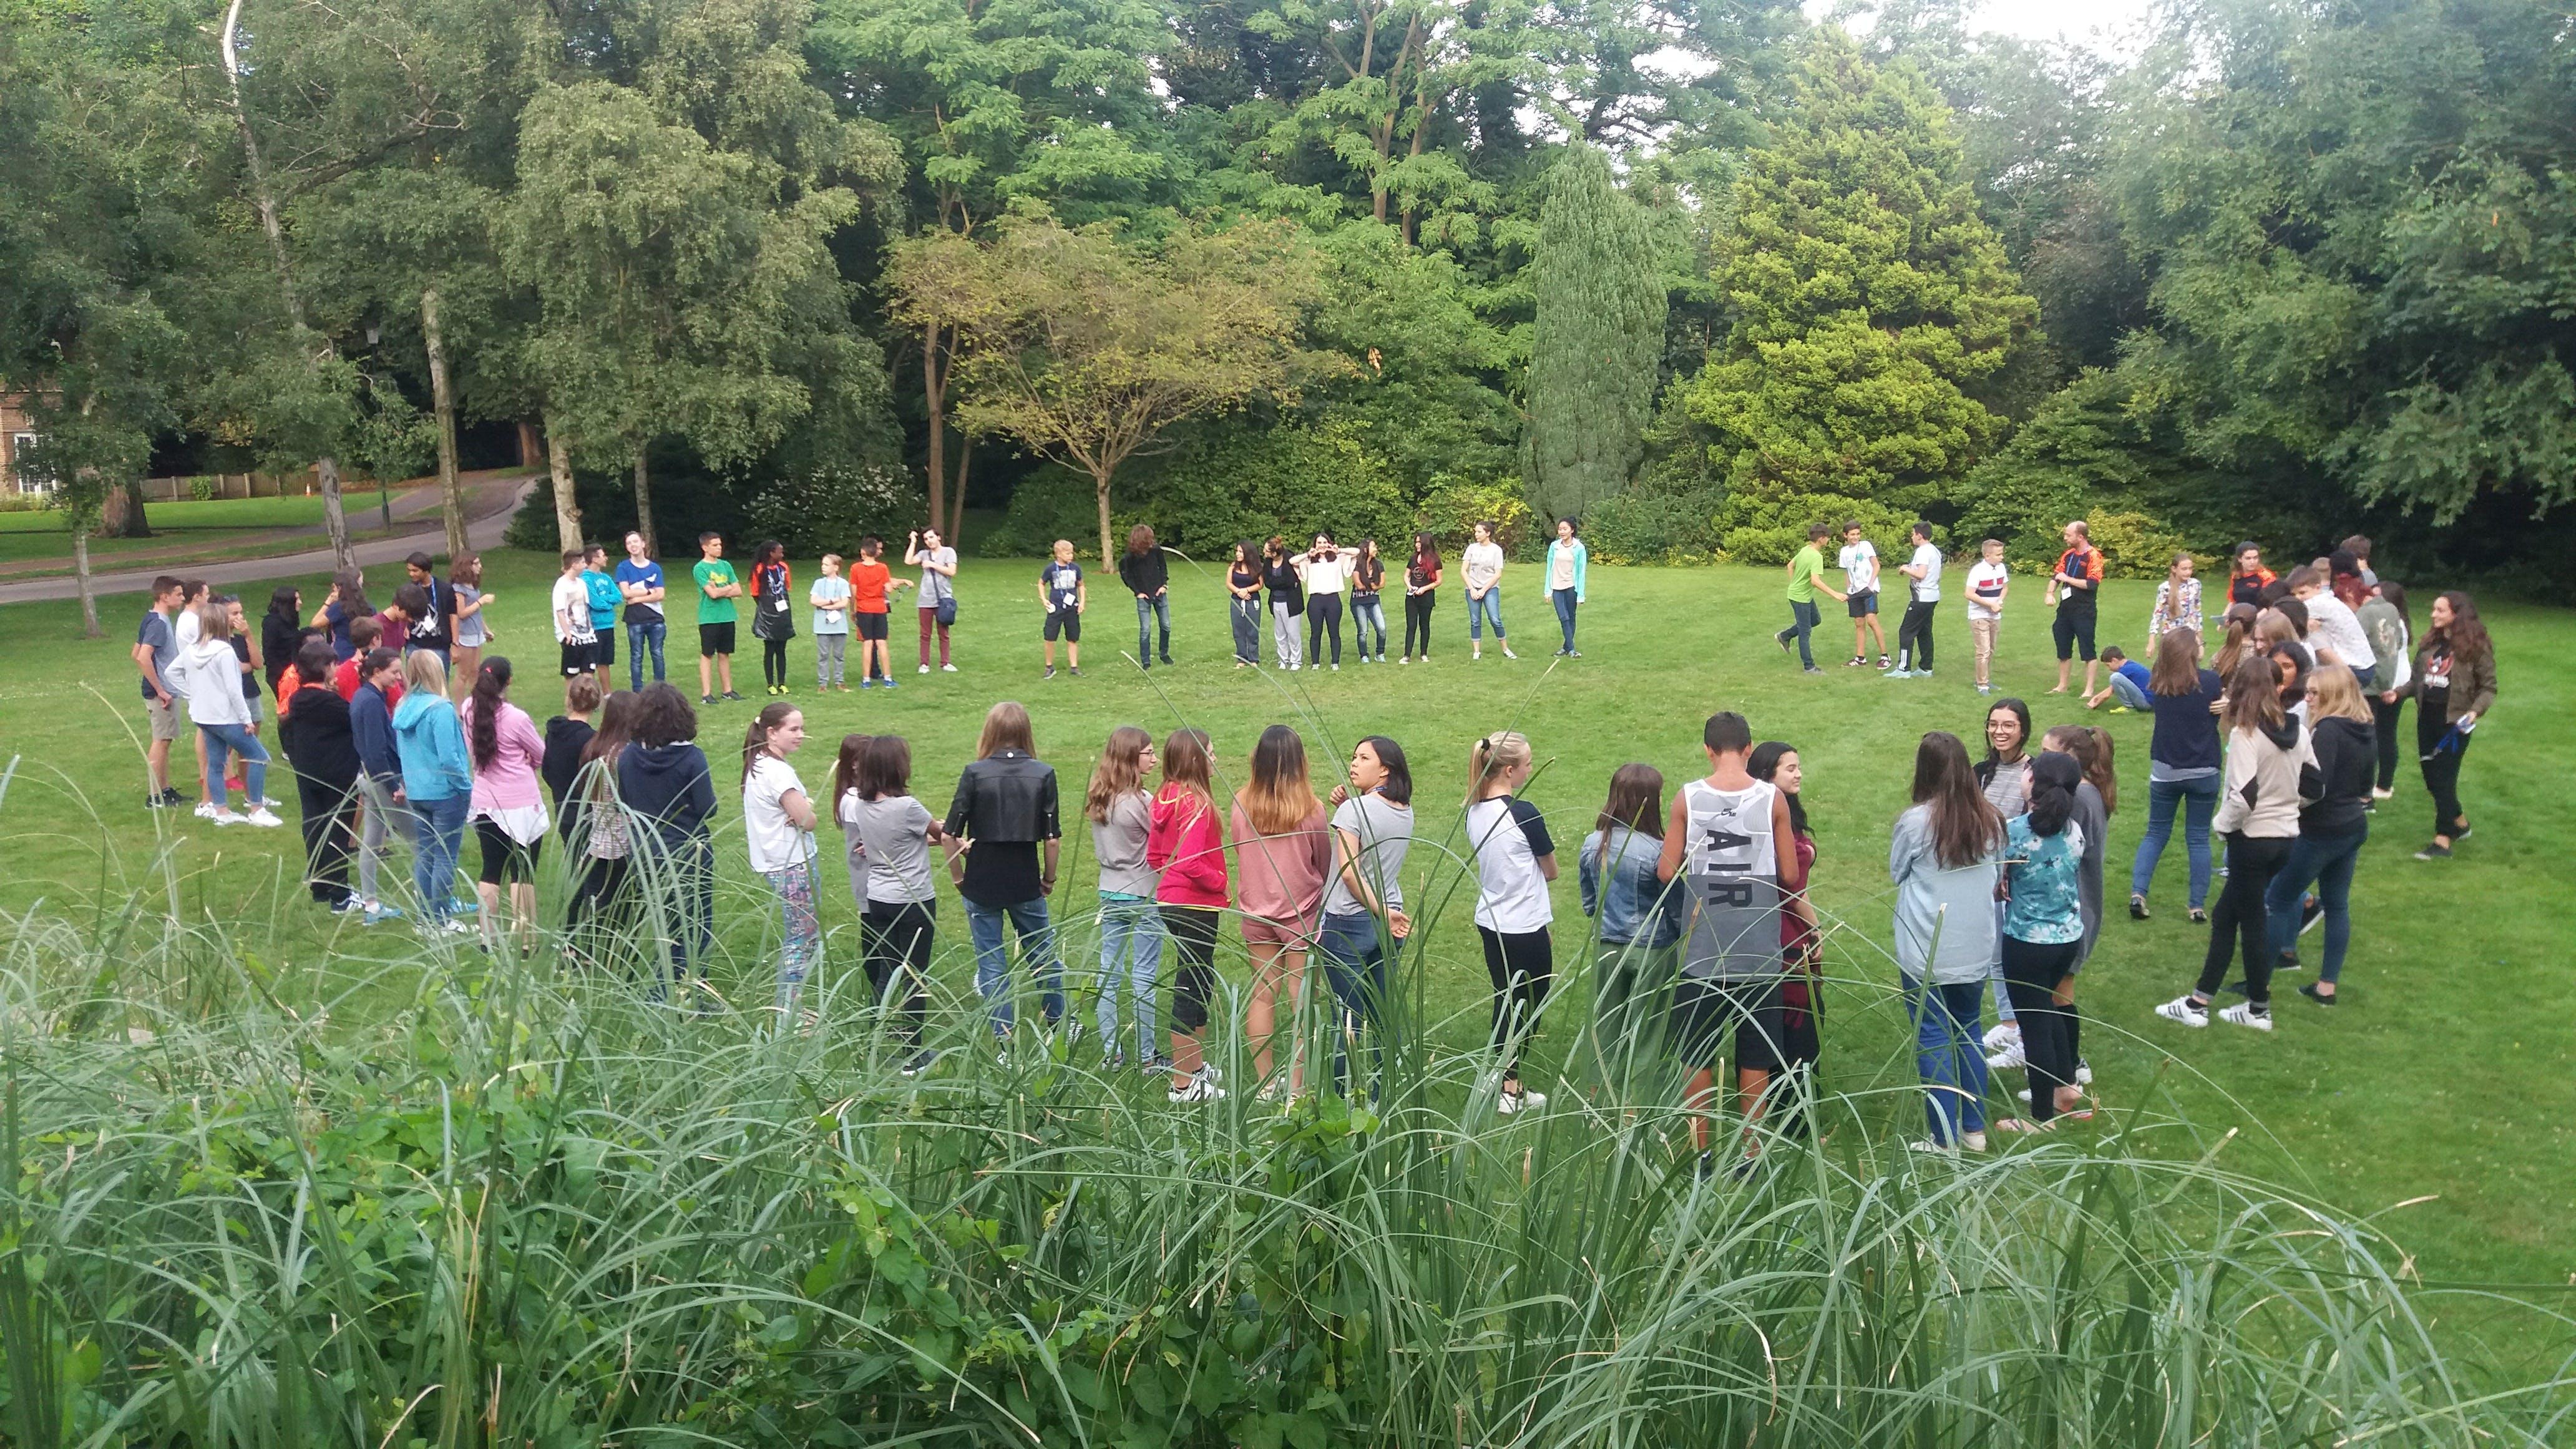 Todas as tardes após o jantar nos reunimos no gramado em frente ao nosso prédio para recebermos informações sobre nossas atividades....